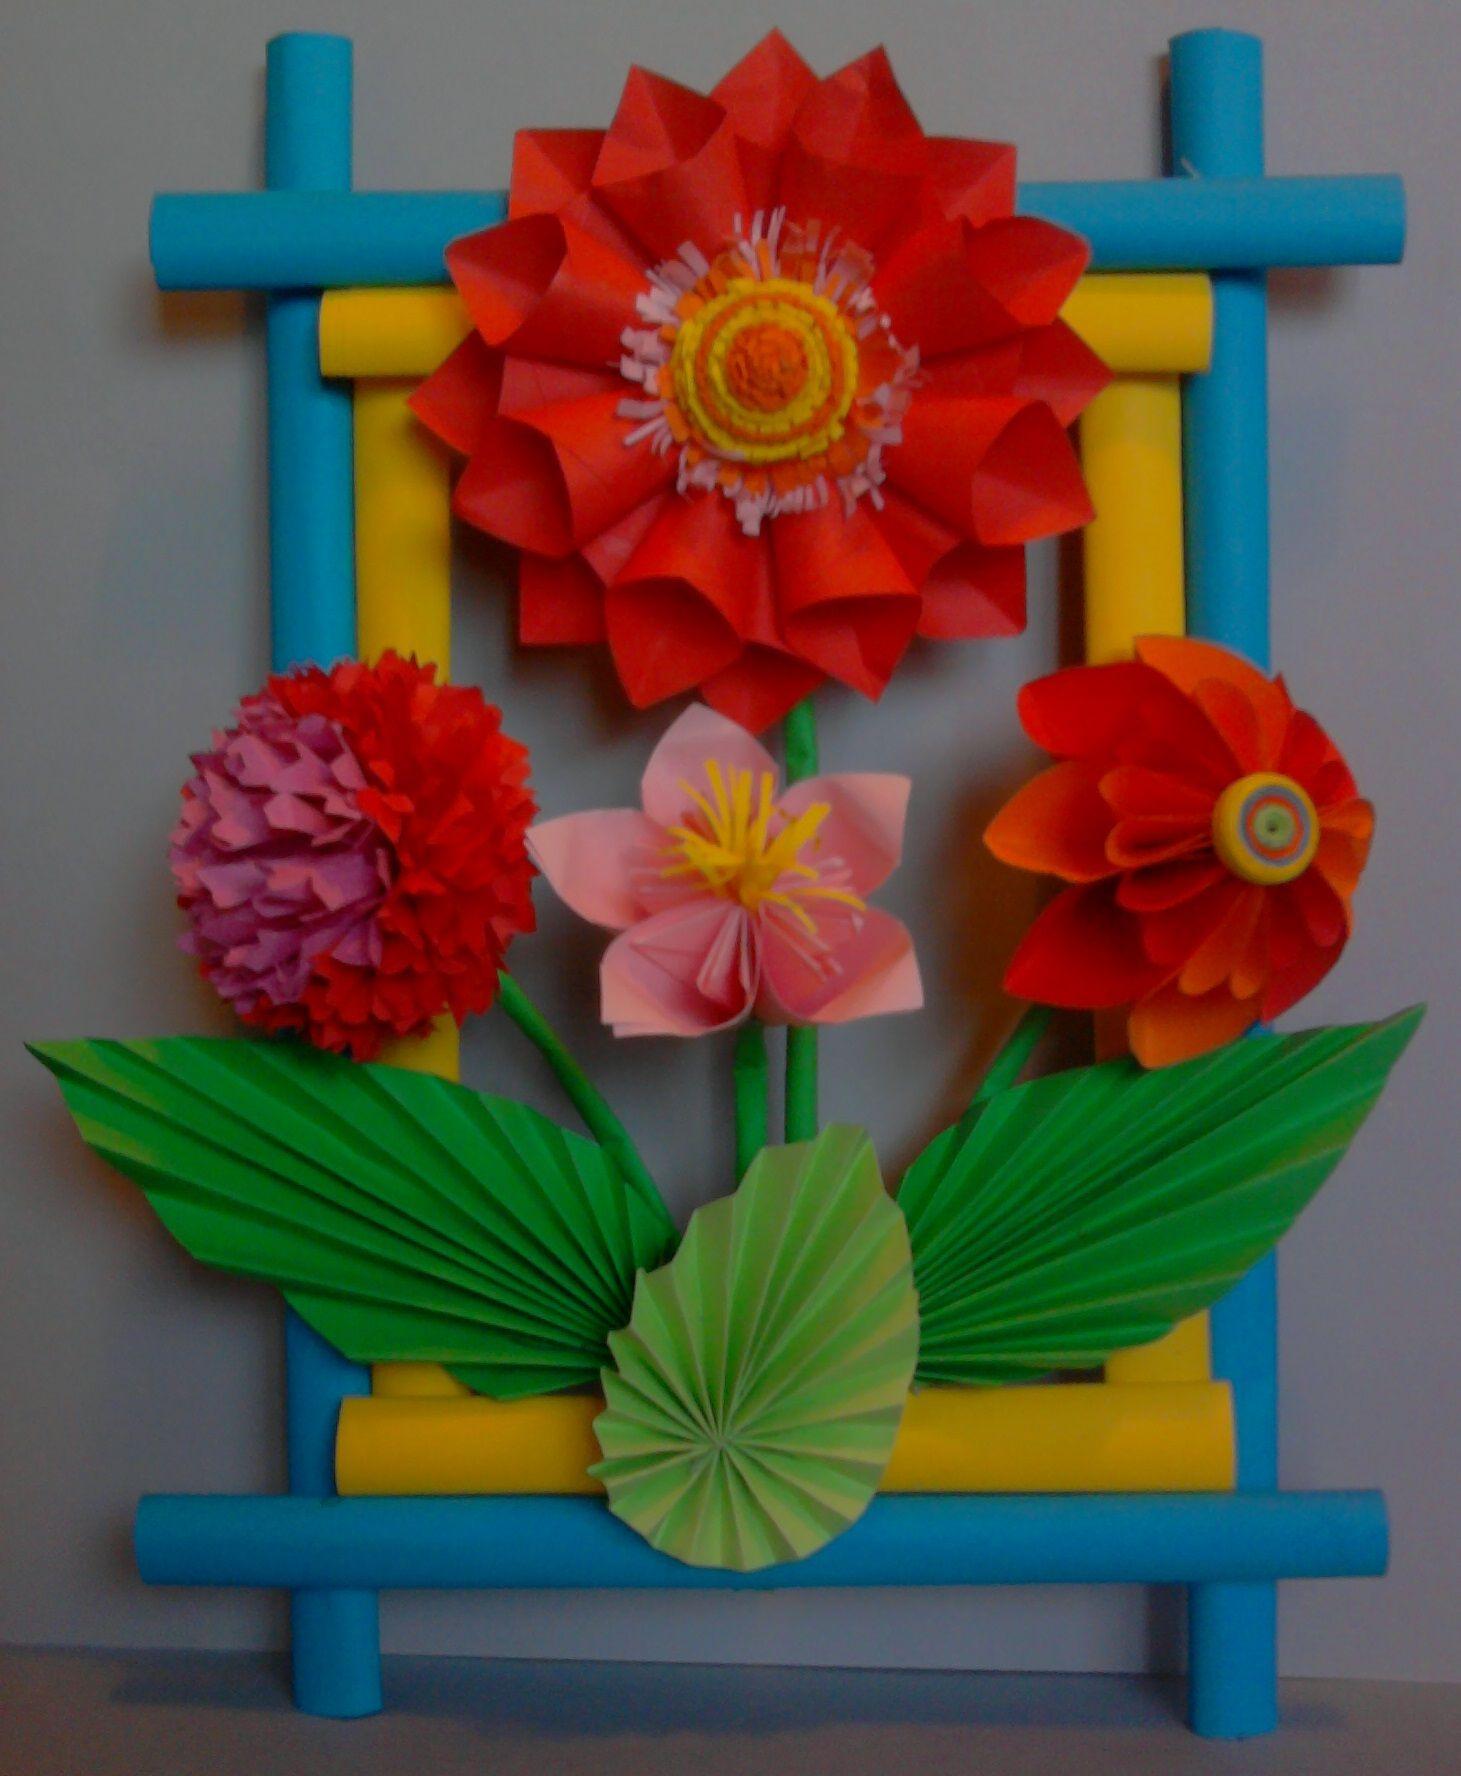 Kwiaty Z Papieru Ikebana Prace Plastyczne Dariusz Zolynski Flowers Paper Paper Flowers Orgiami Kirigami Flower Crafts Paper Art Craft Paper Flowers